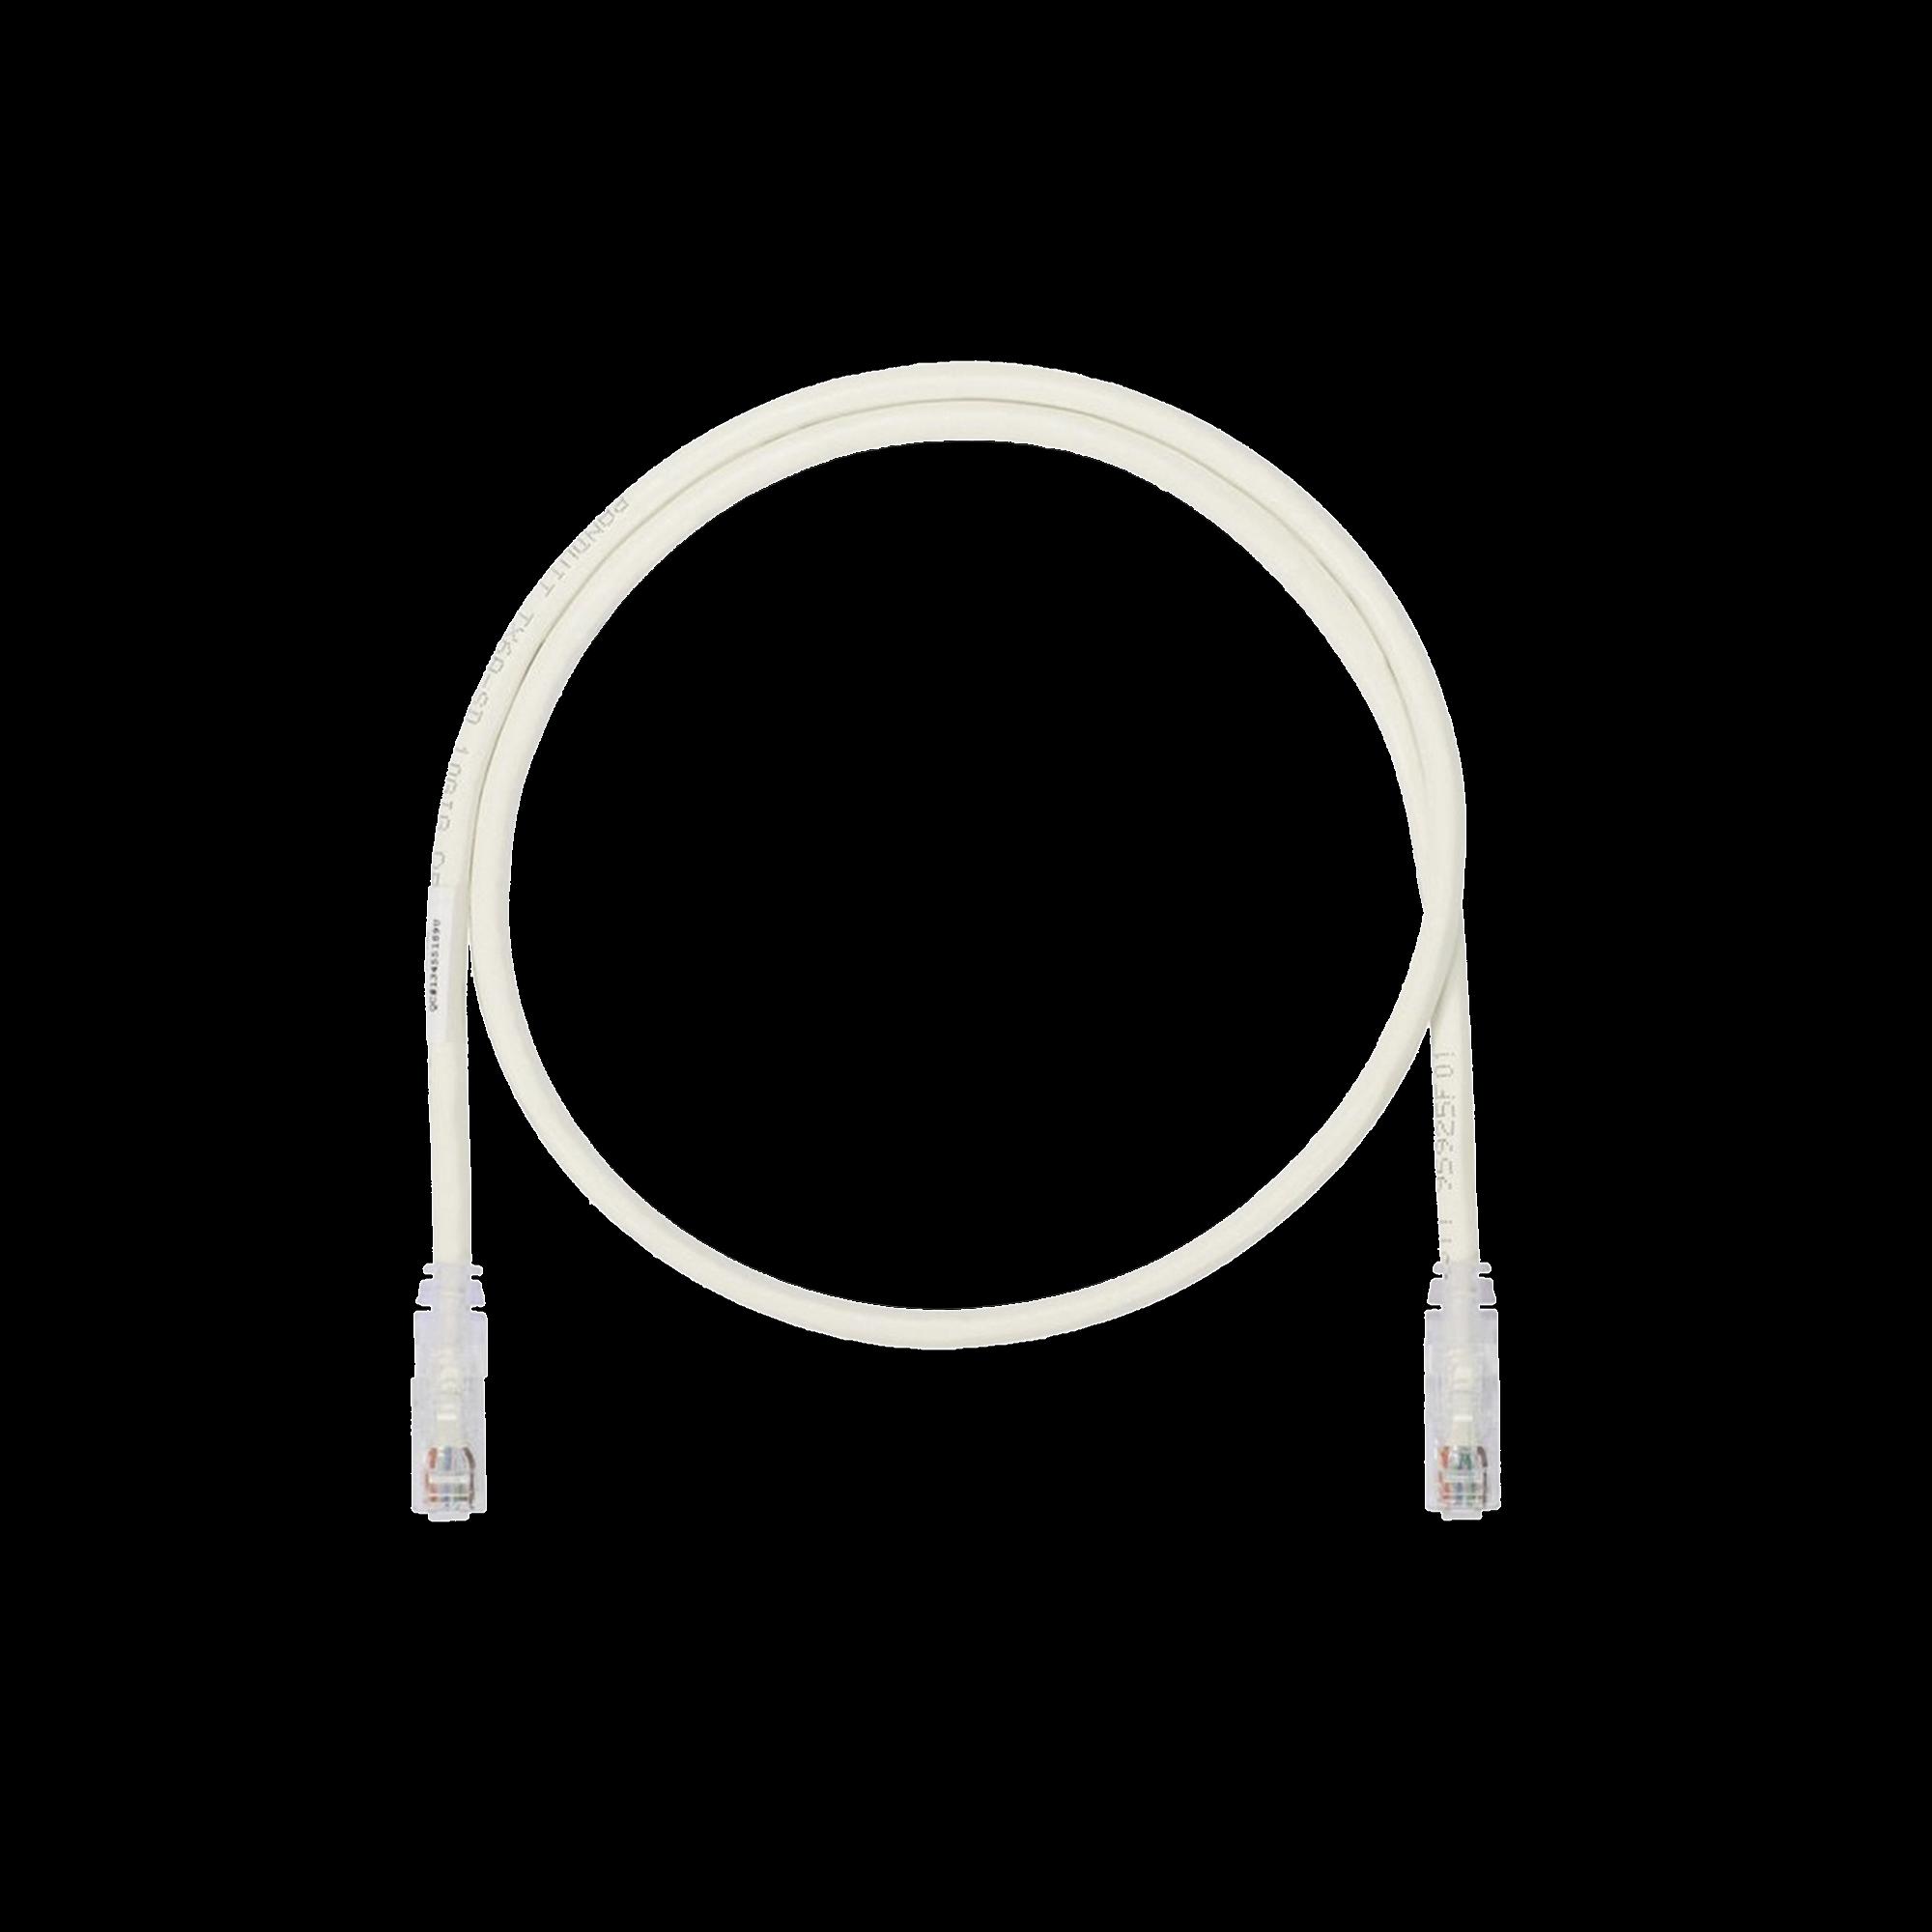 Cable de Parcheo UTP, Cat6A, 24 AWG, CM, Color Blanco, 7ft